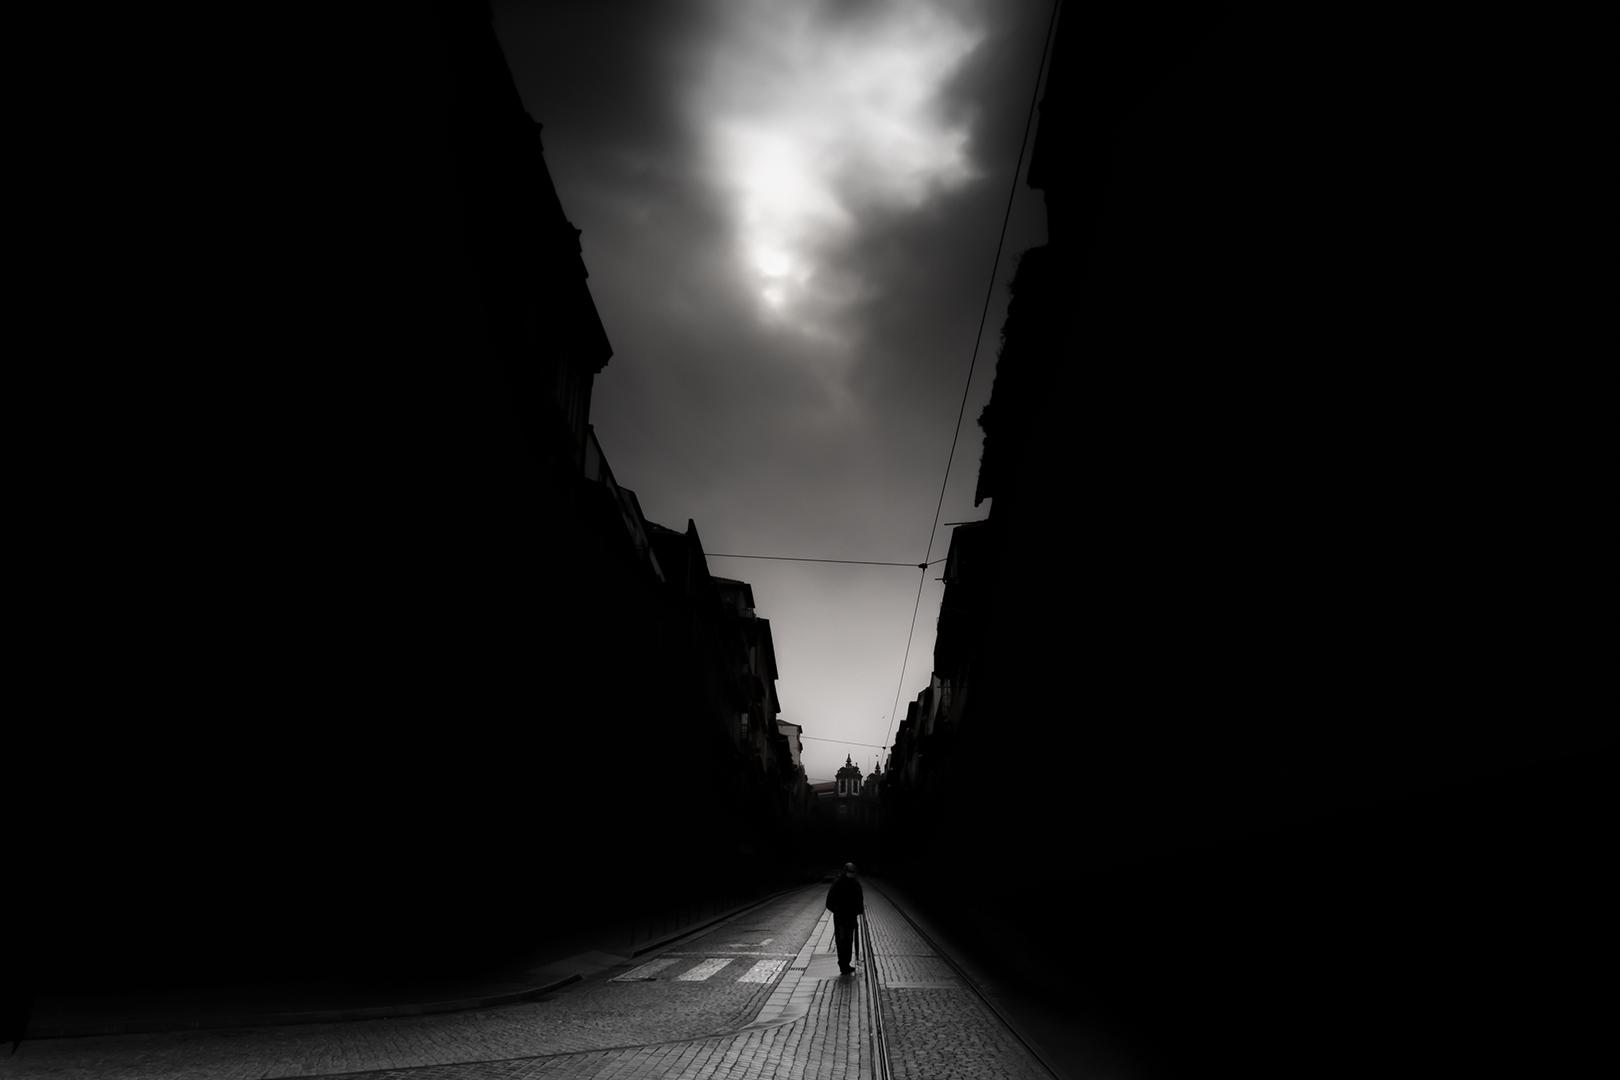 Fotografia de Rua/Recortes da cidade